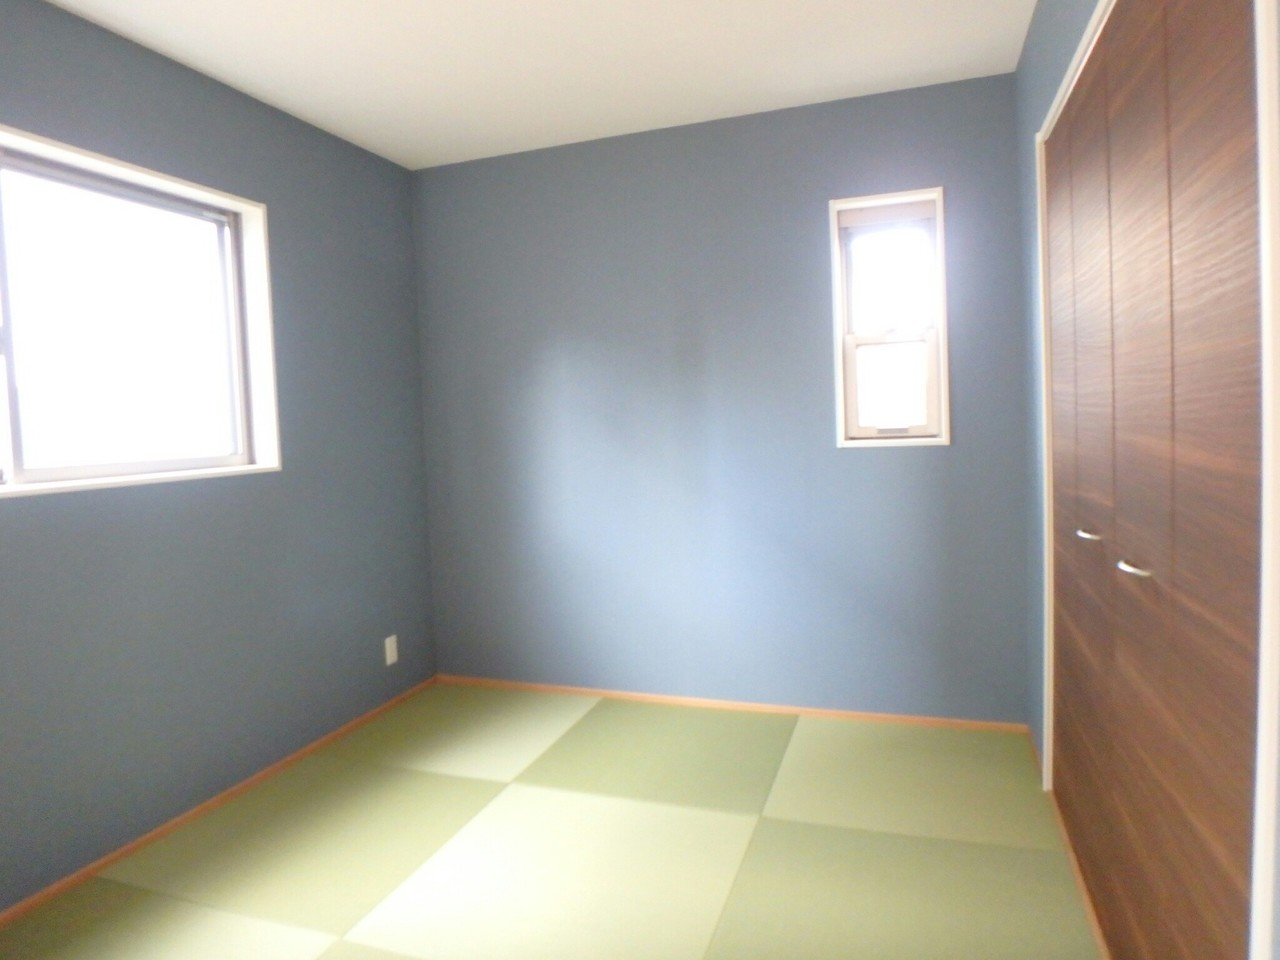 LDKとつながった多目的に使える和室スペース。 大容量の収納付きで家具を置く必要がなく、空間をのびのび使えますね♪